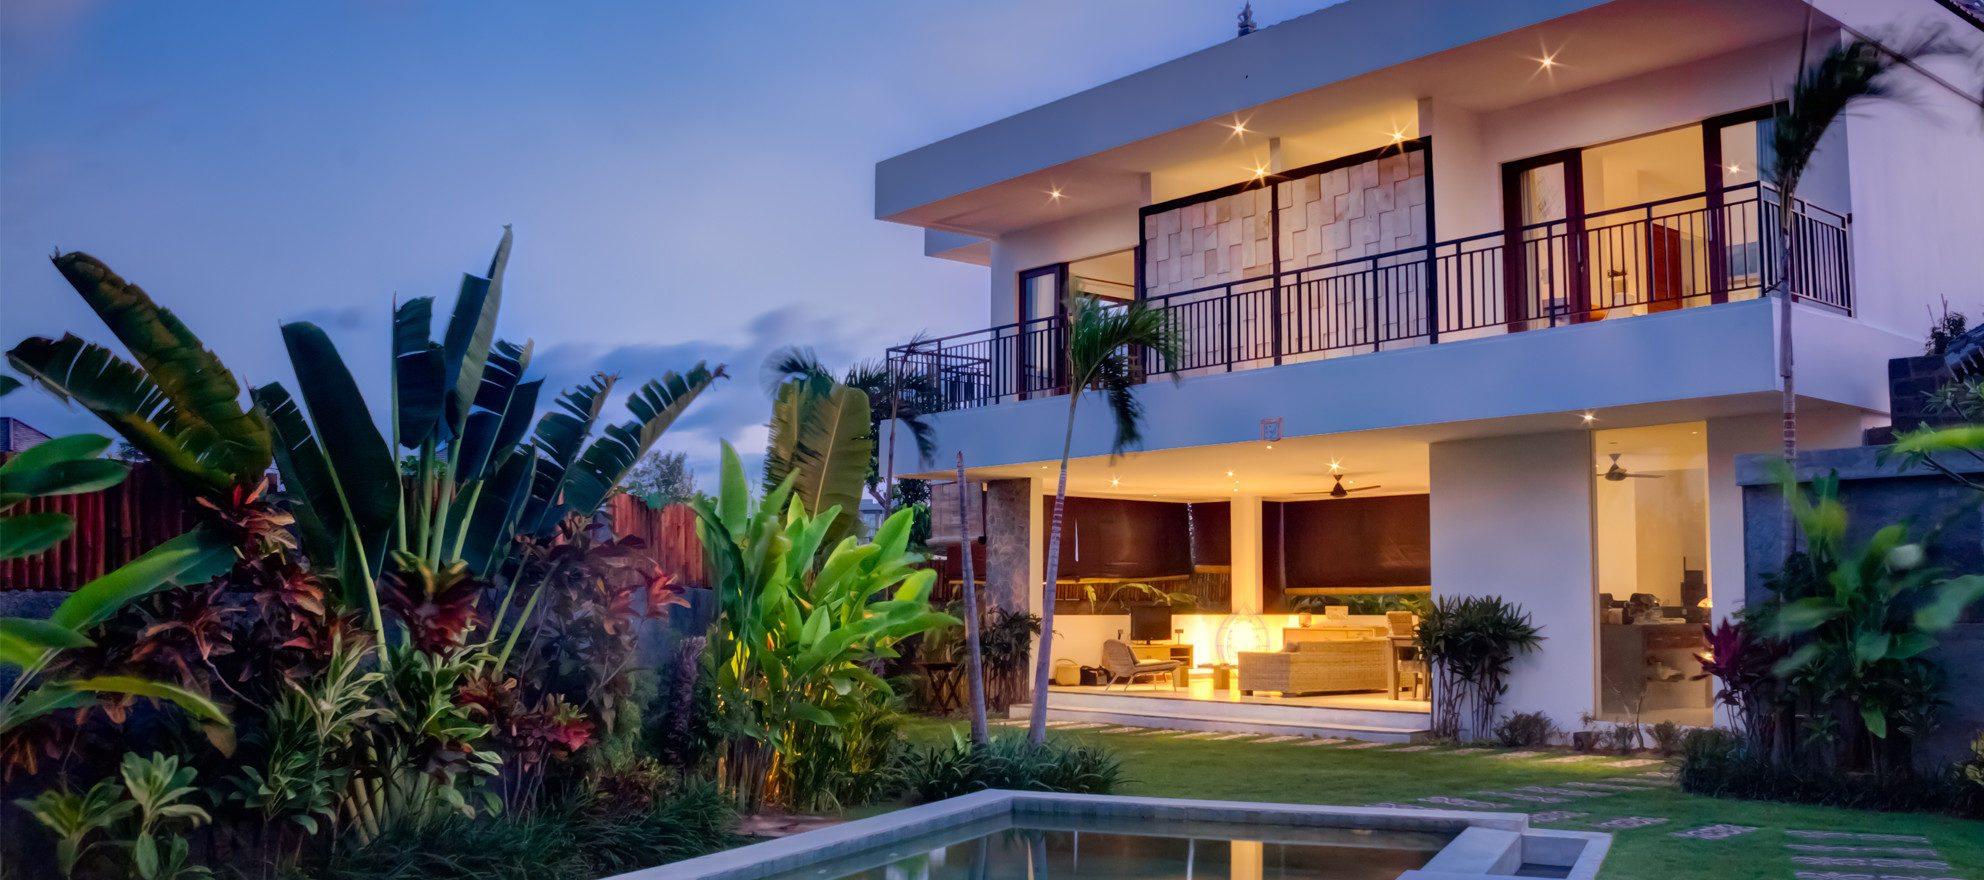 LA real estate broker launches luxury home bidding platform, plumBid